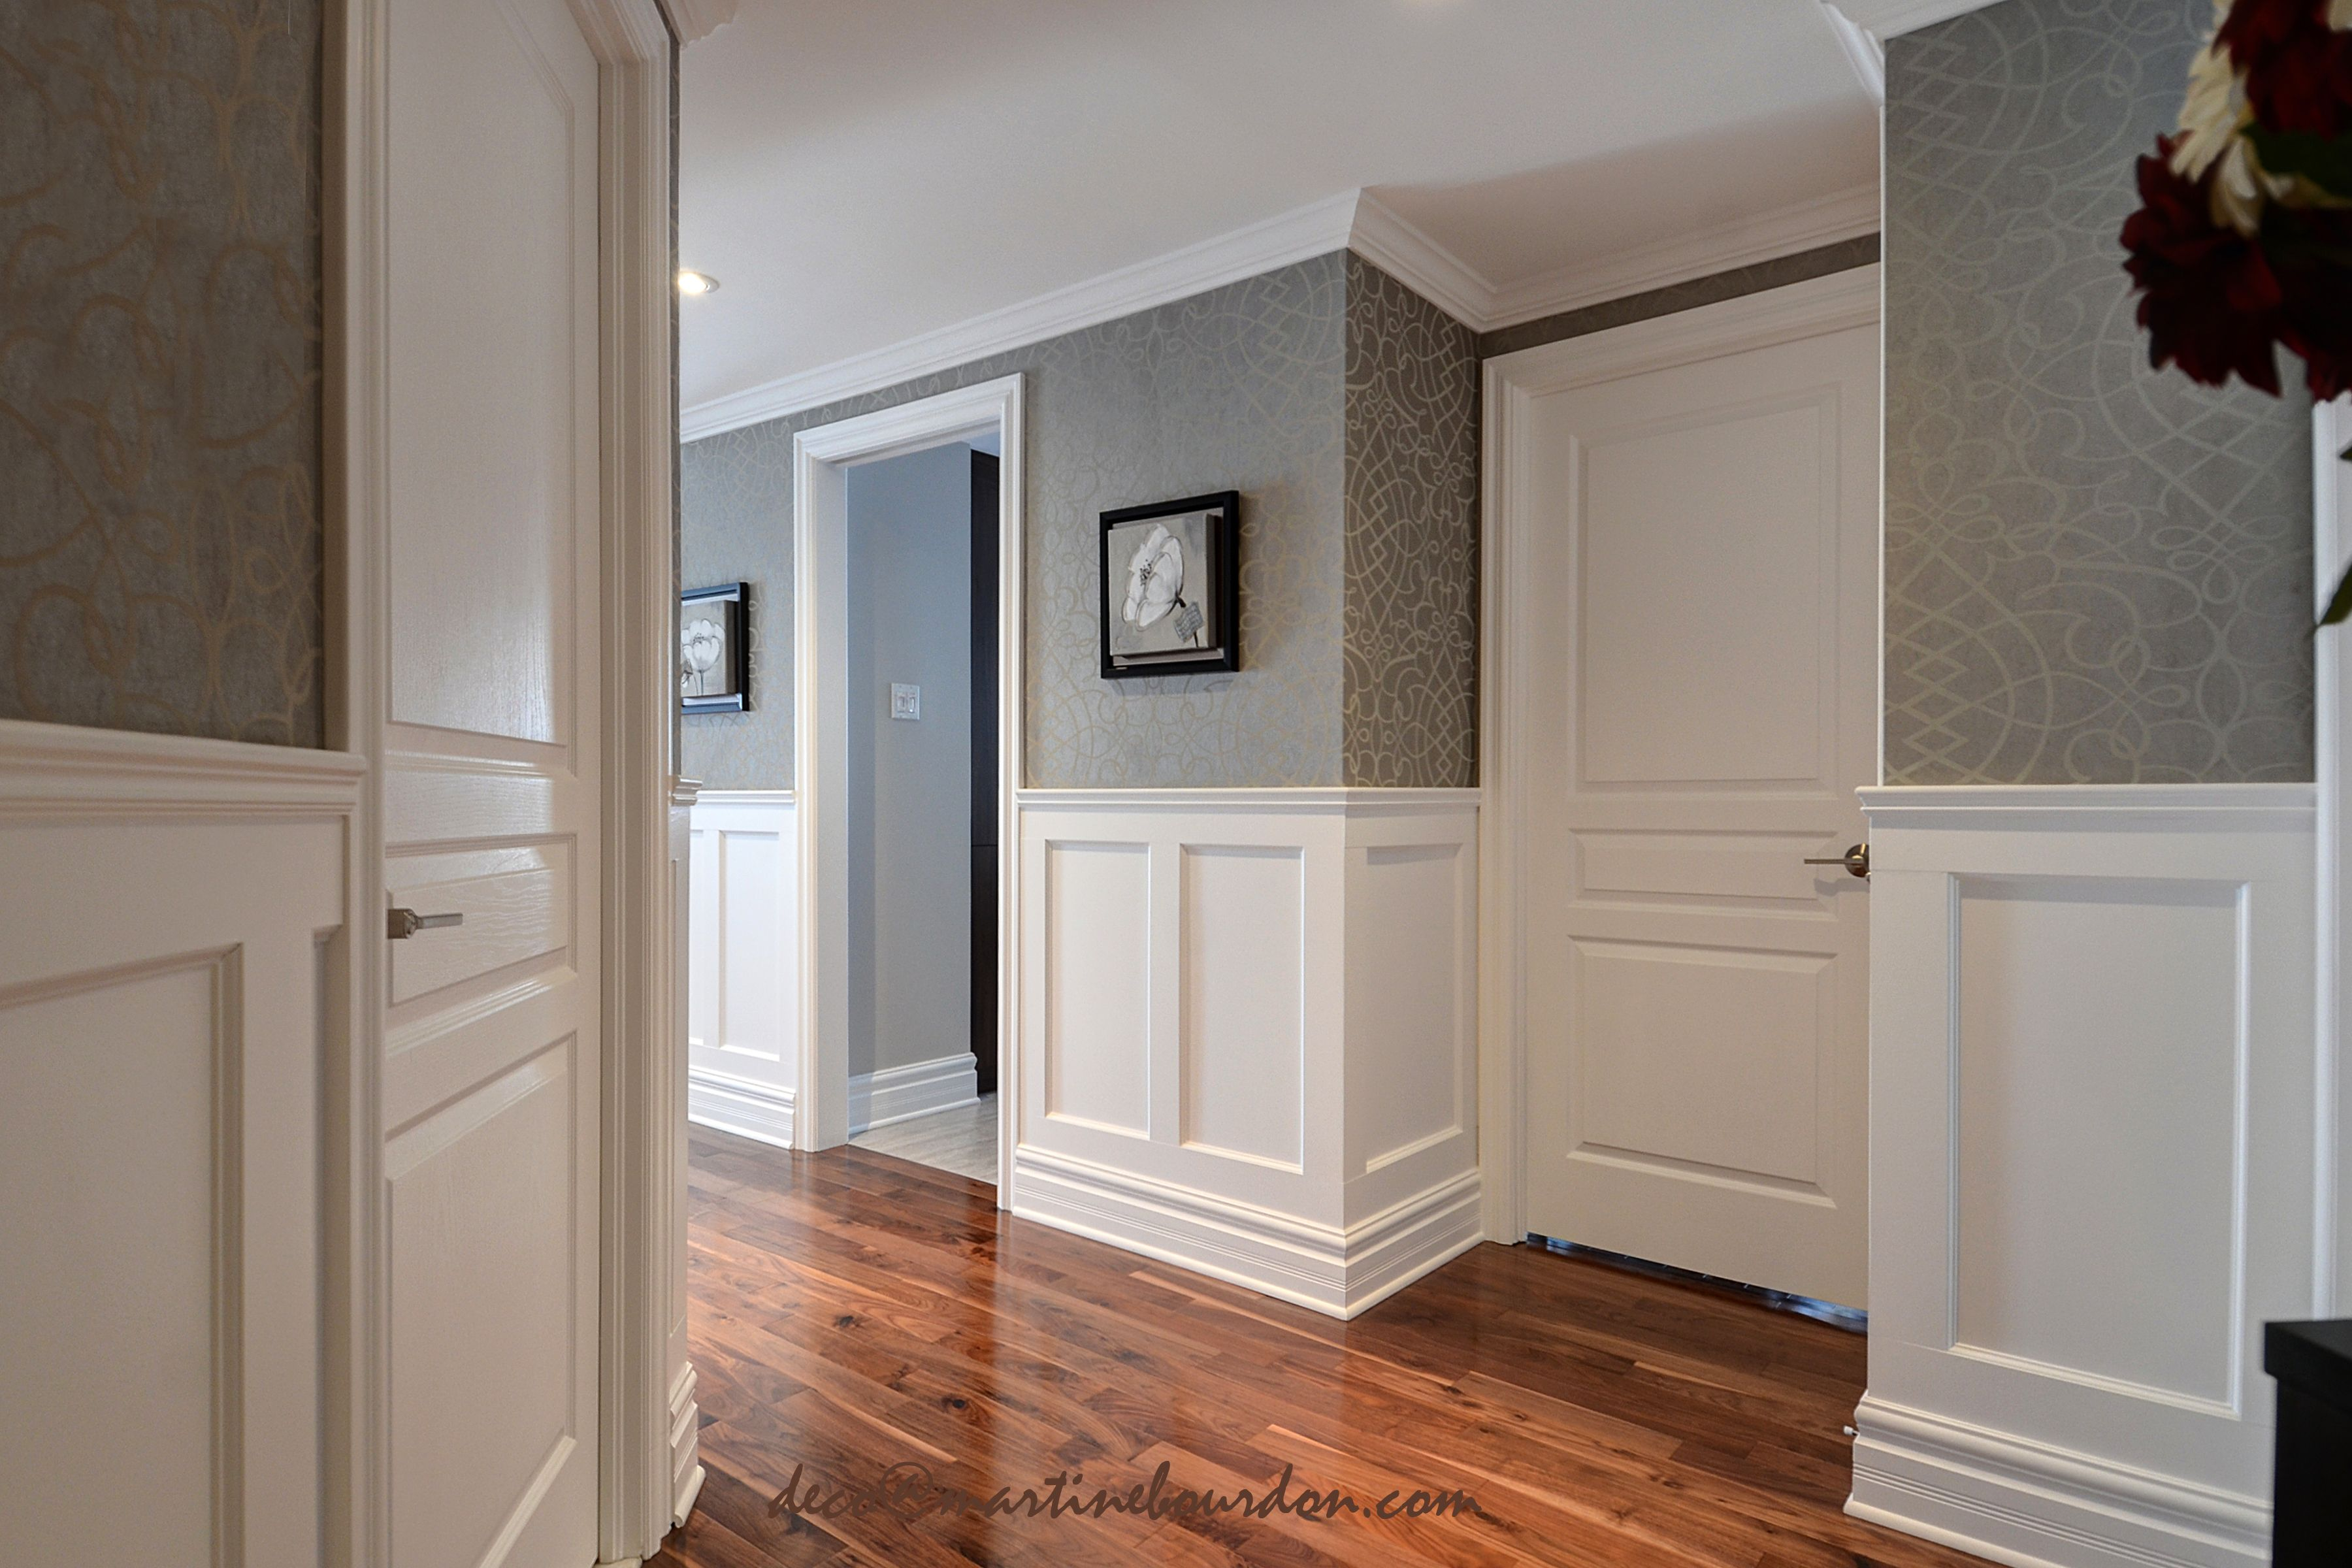 Soubassement Couloir En Bois comment transformer un condo inhabité en un décor chic et